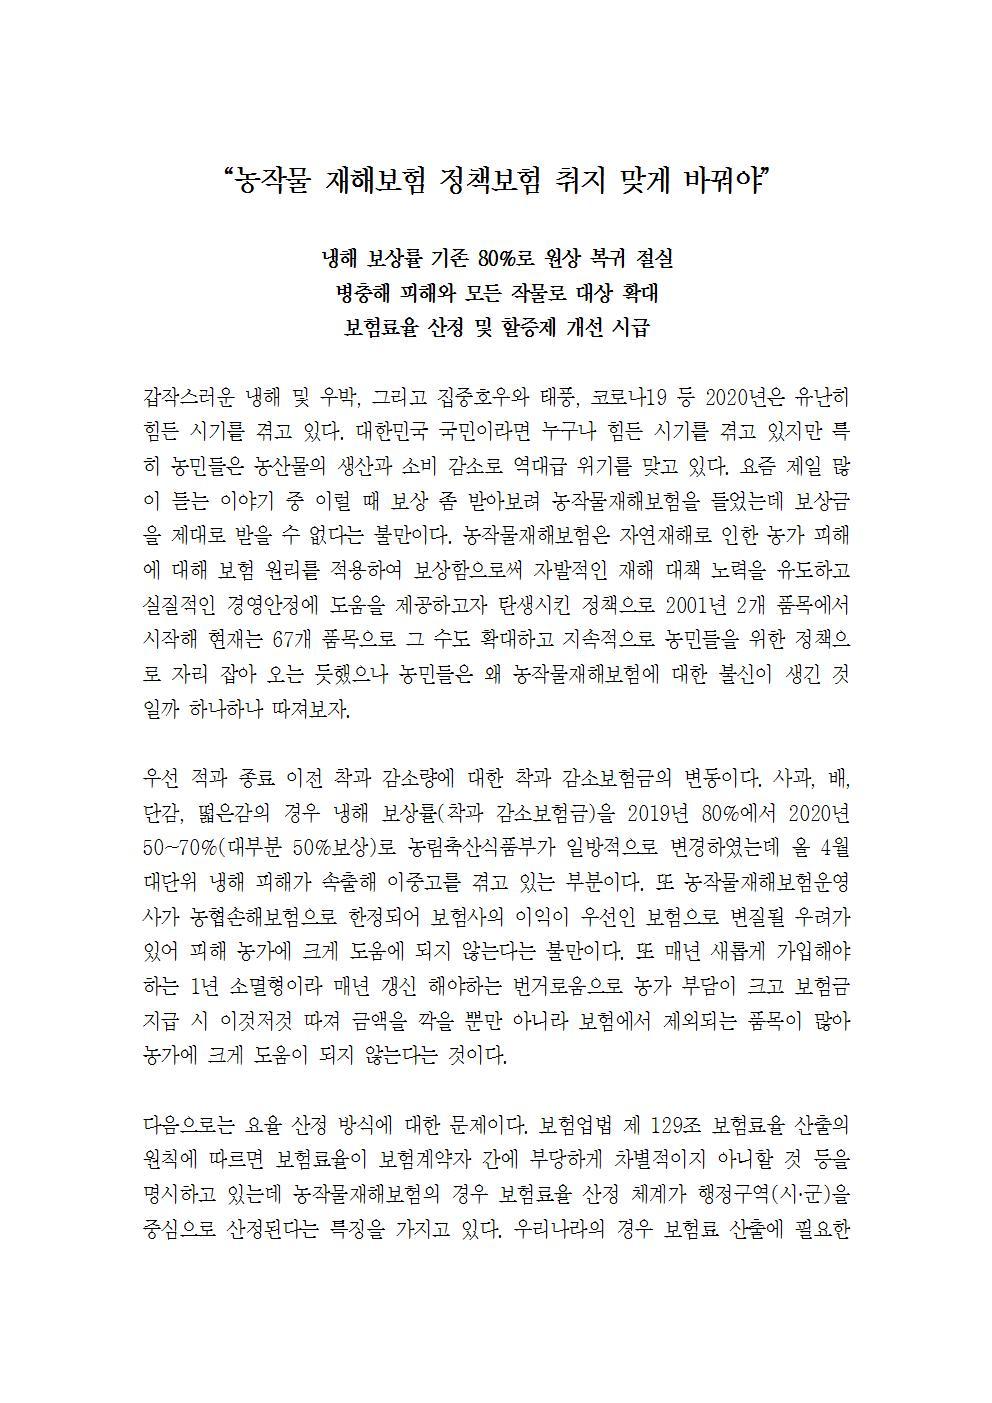 장수군 농민회 성명001.jpg